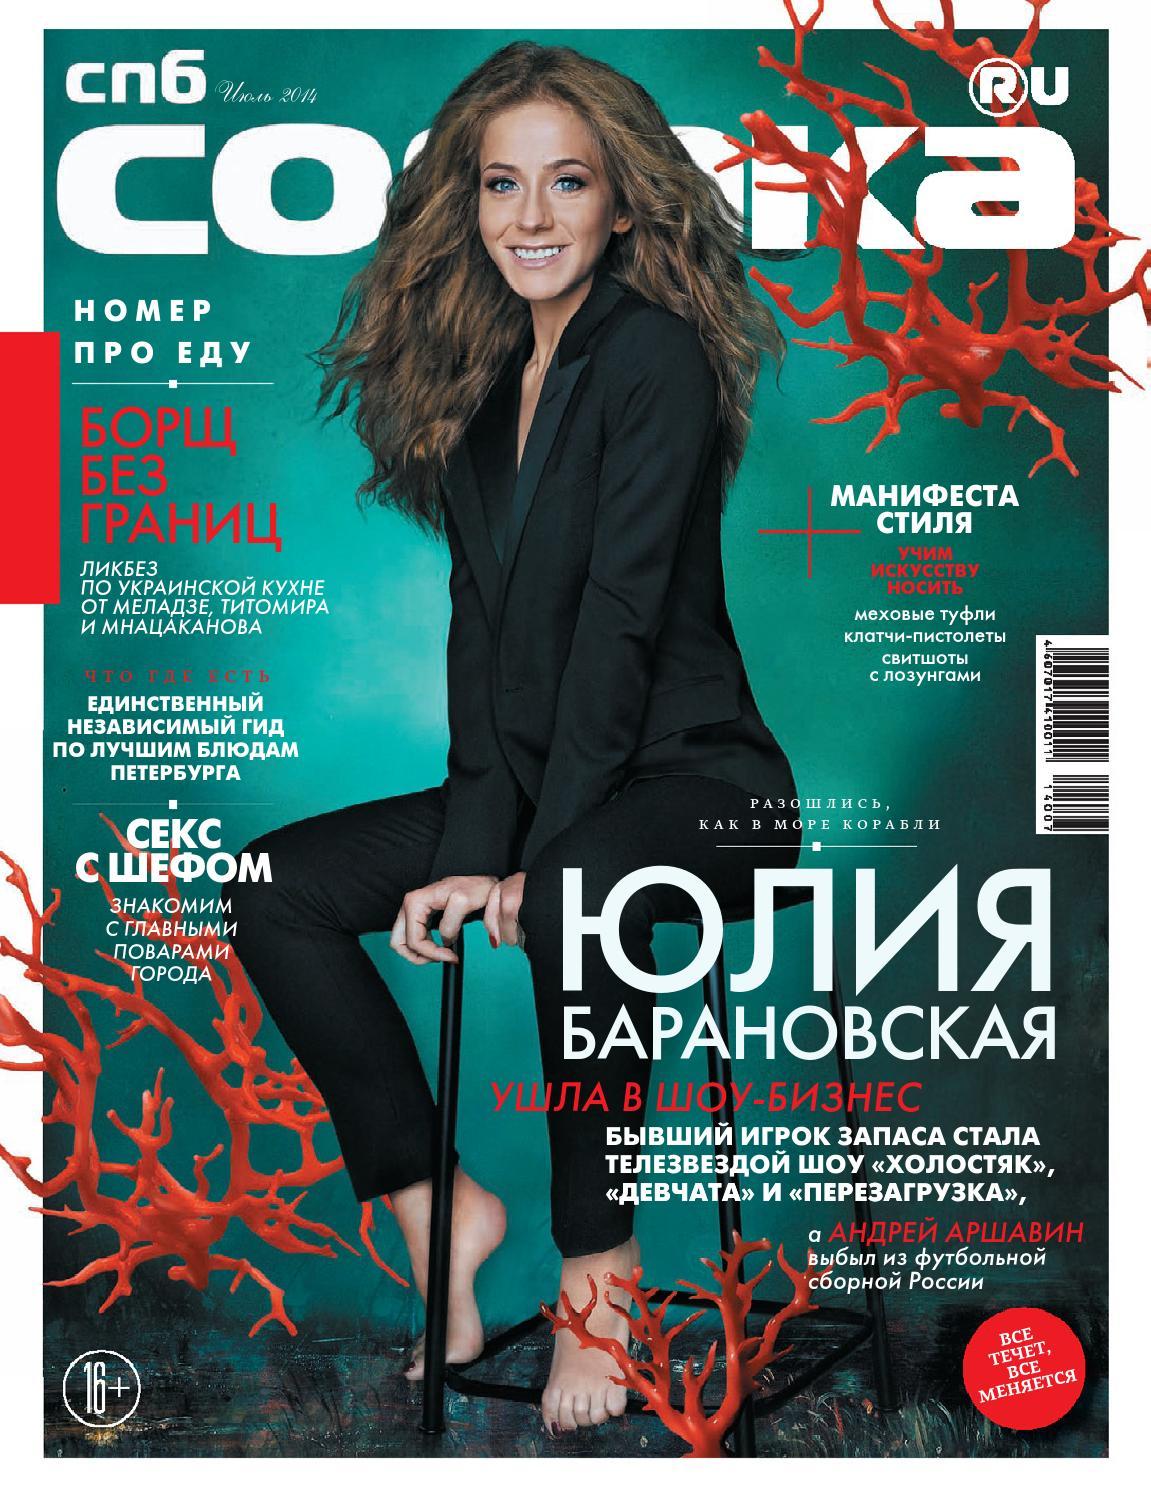 41f664a8948c Sobaka162 by Андрей Зайцев - issuu